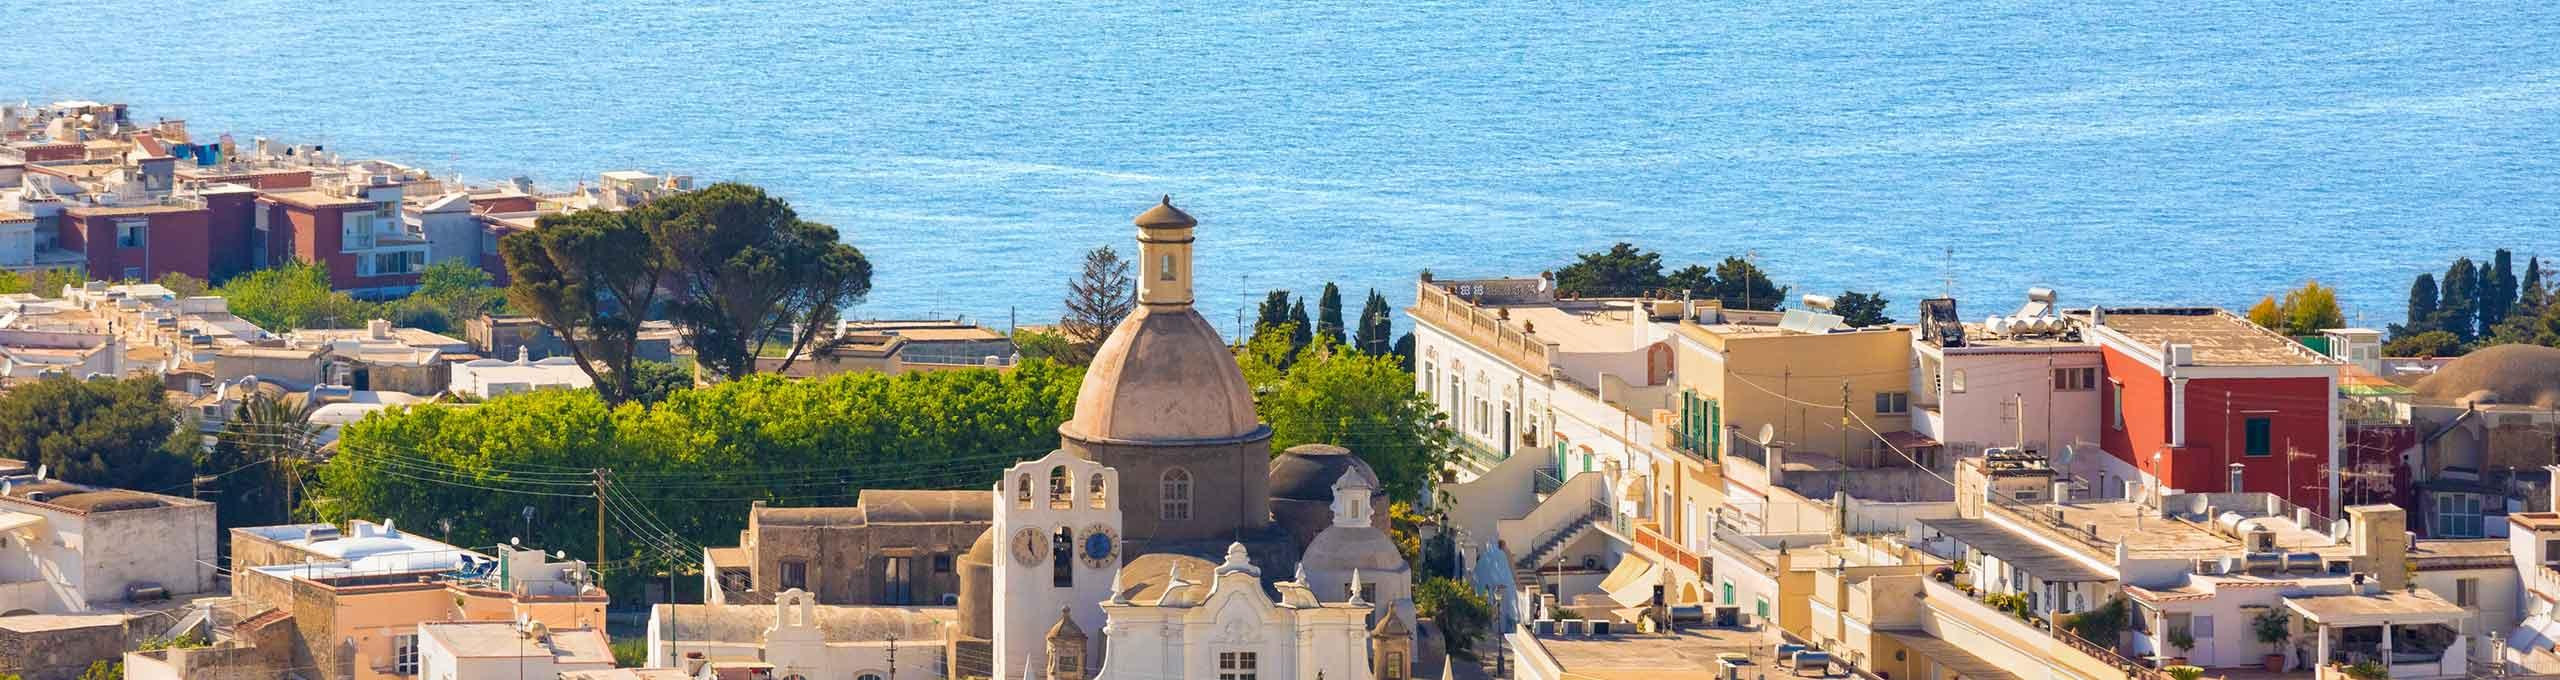 Anacapri, Isola di Capri